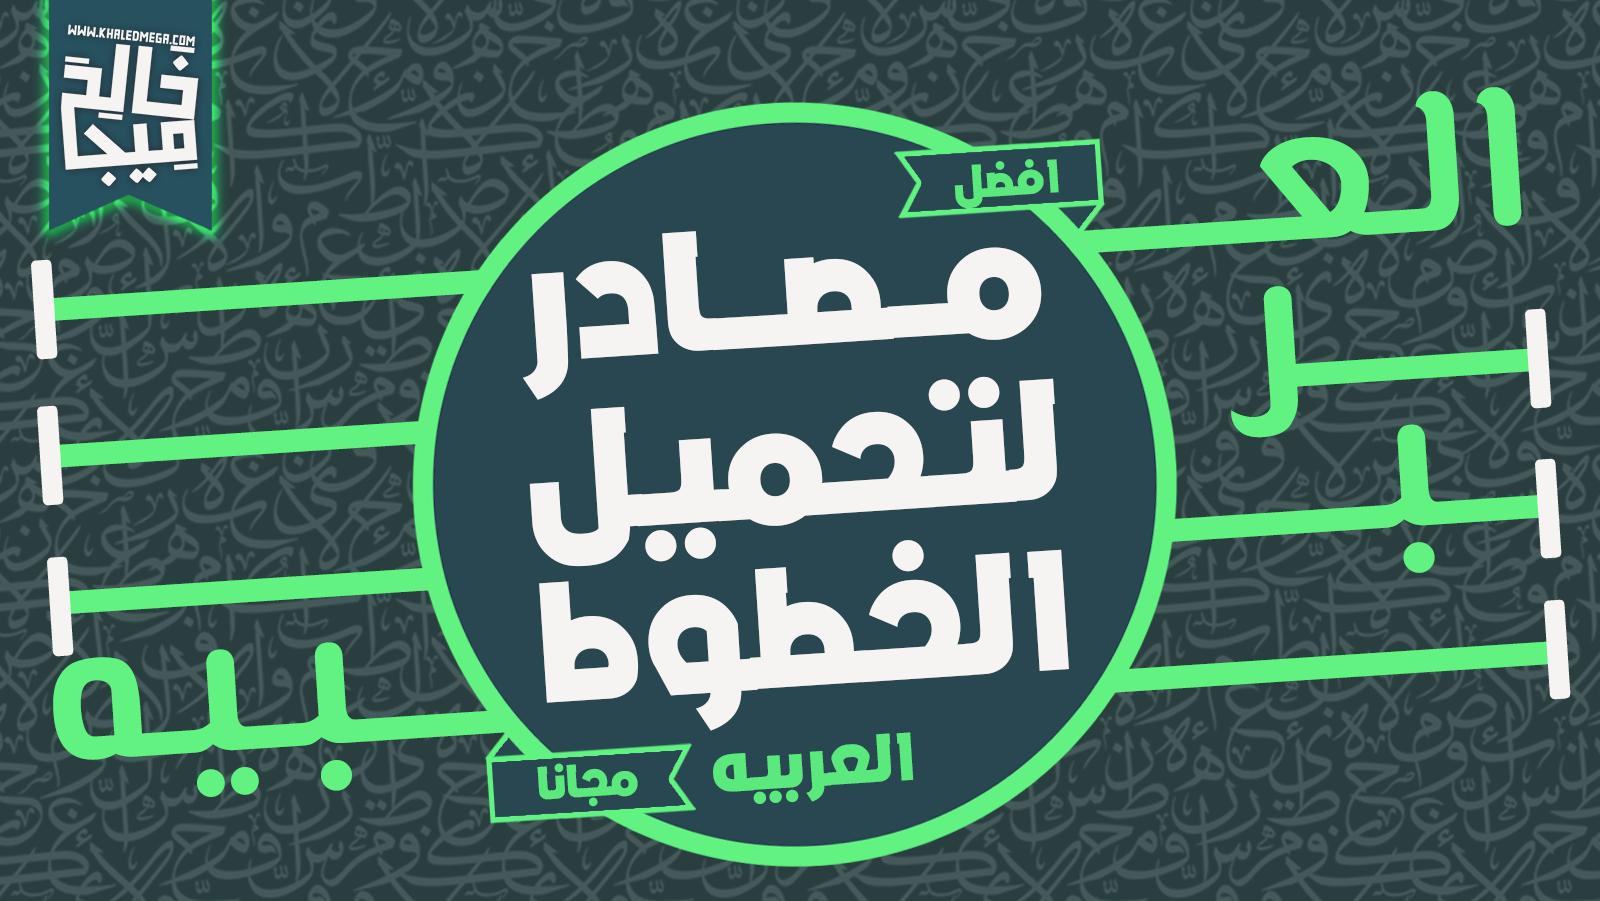 أفضل المواقع لتحميل الخطوط العربيه مجانا مهمين لكل مصمم